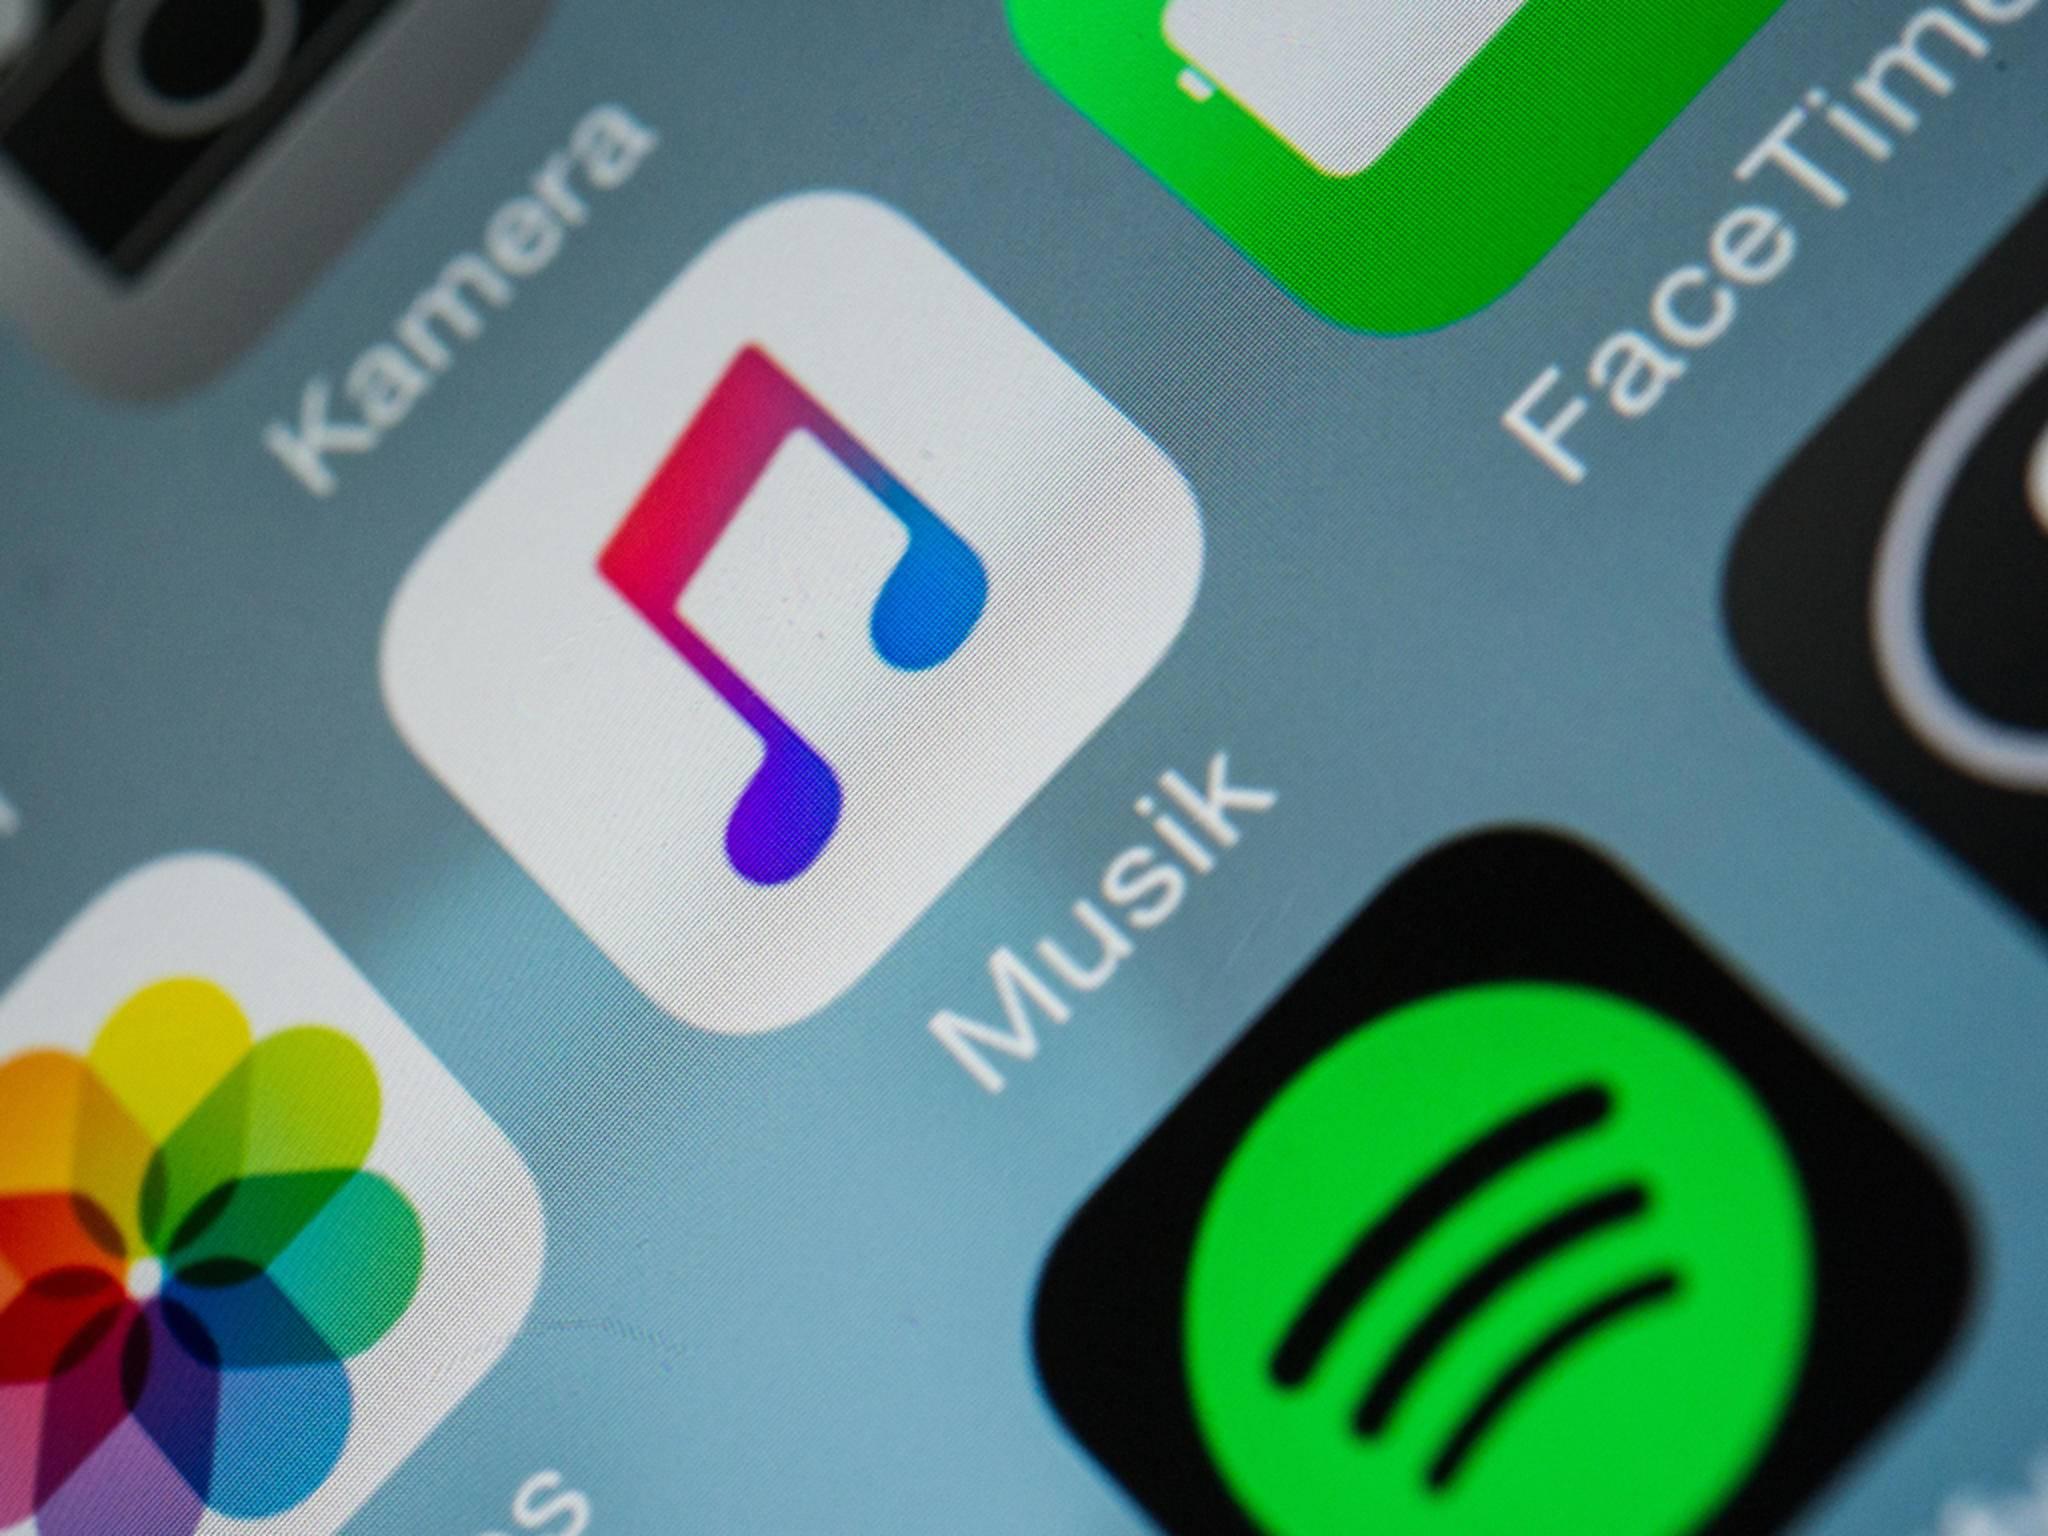 Den einfachen Wechsel von Spotify zu Apple Music erledigt ein Programm namens StAMP.